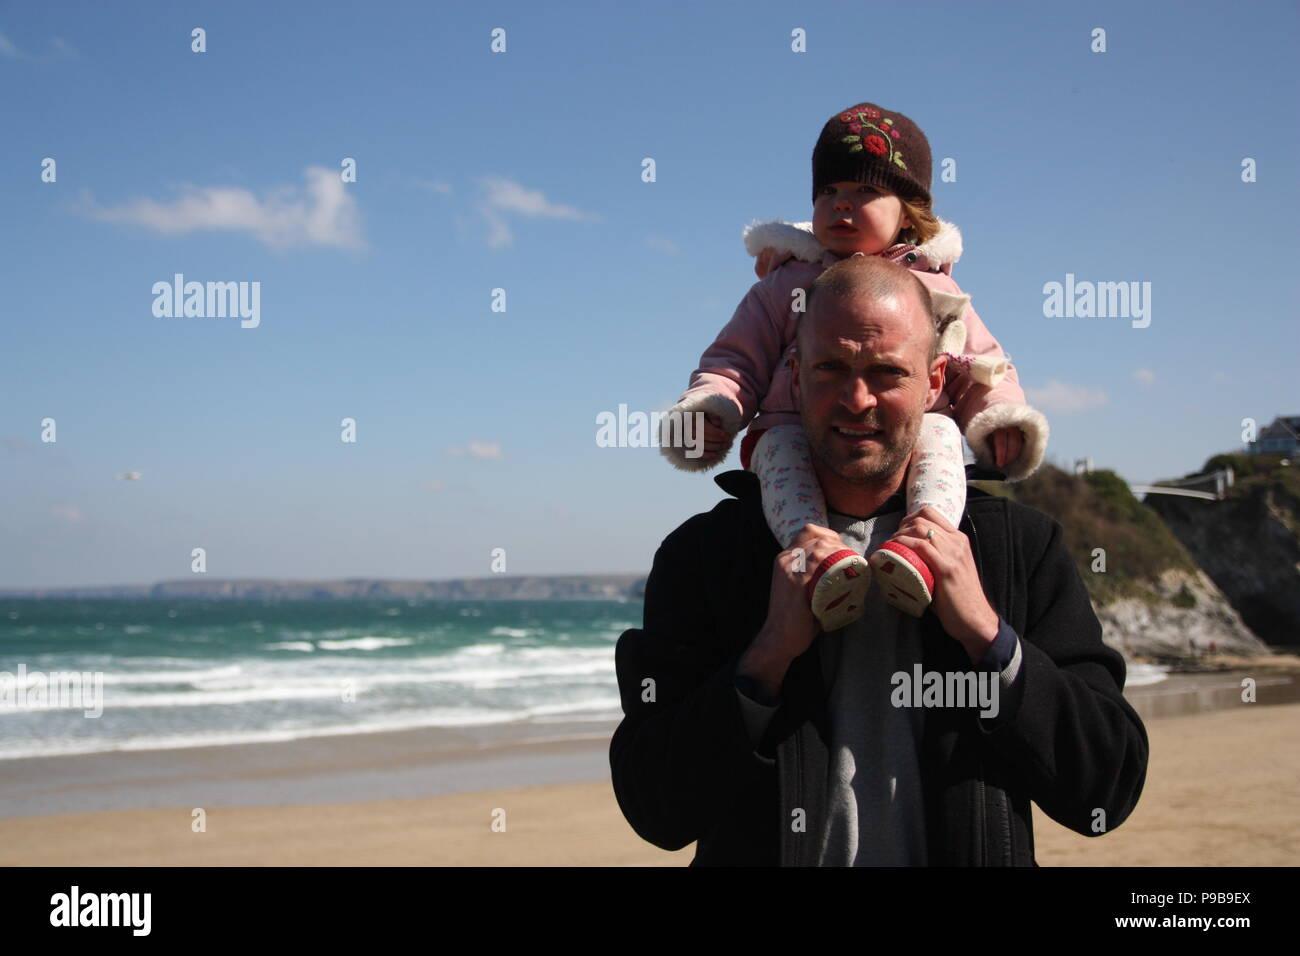 L'uomo con la ragazza sulla sua spalla su di una spiaggia di sabbia in riva al mare a Marazion Cornovaglia Immagini Stock